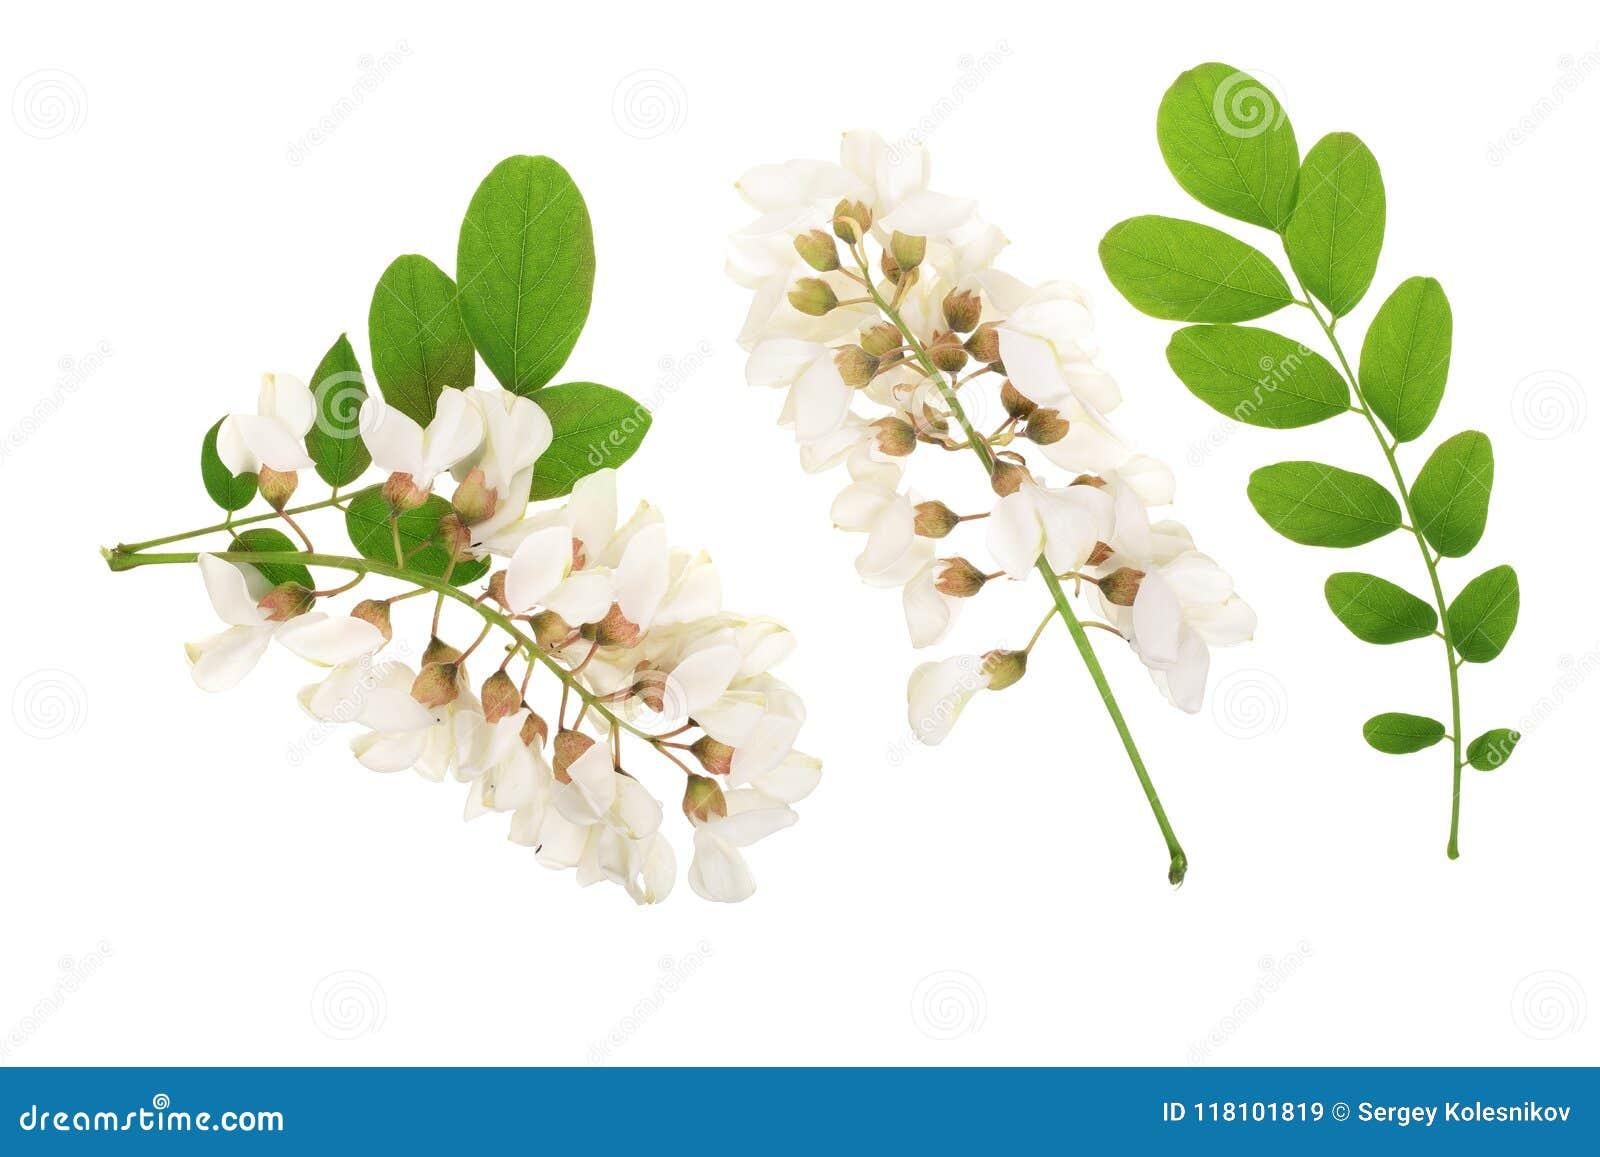 Kwitnący akaci z liśćmi odizolowywającymi na białym tle, Akacjowi kwiaty, grochodrzewu pseudoacacia Biała akacja